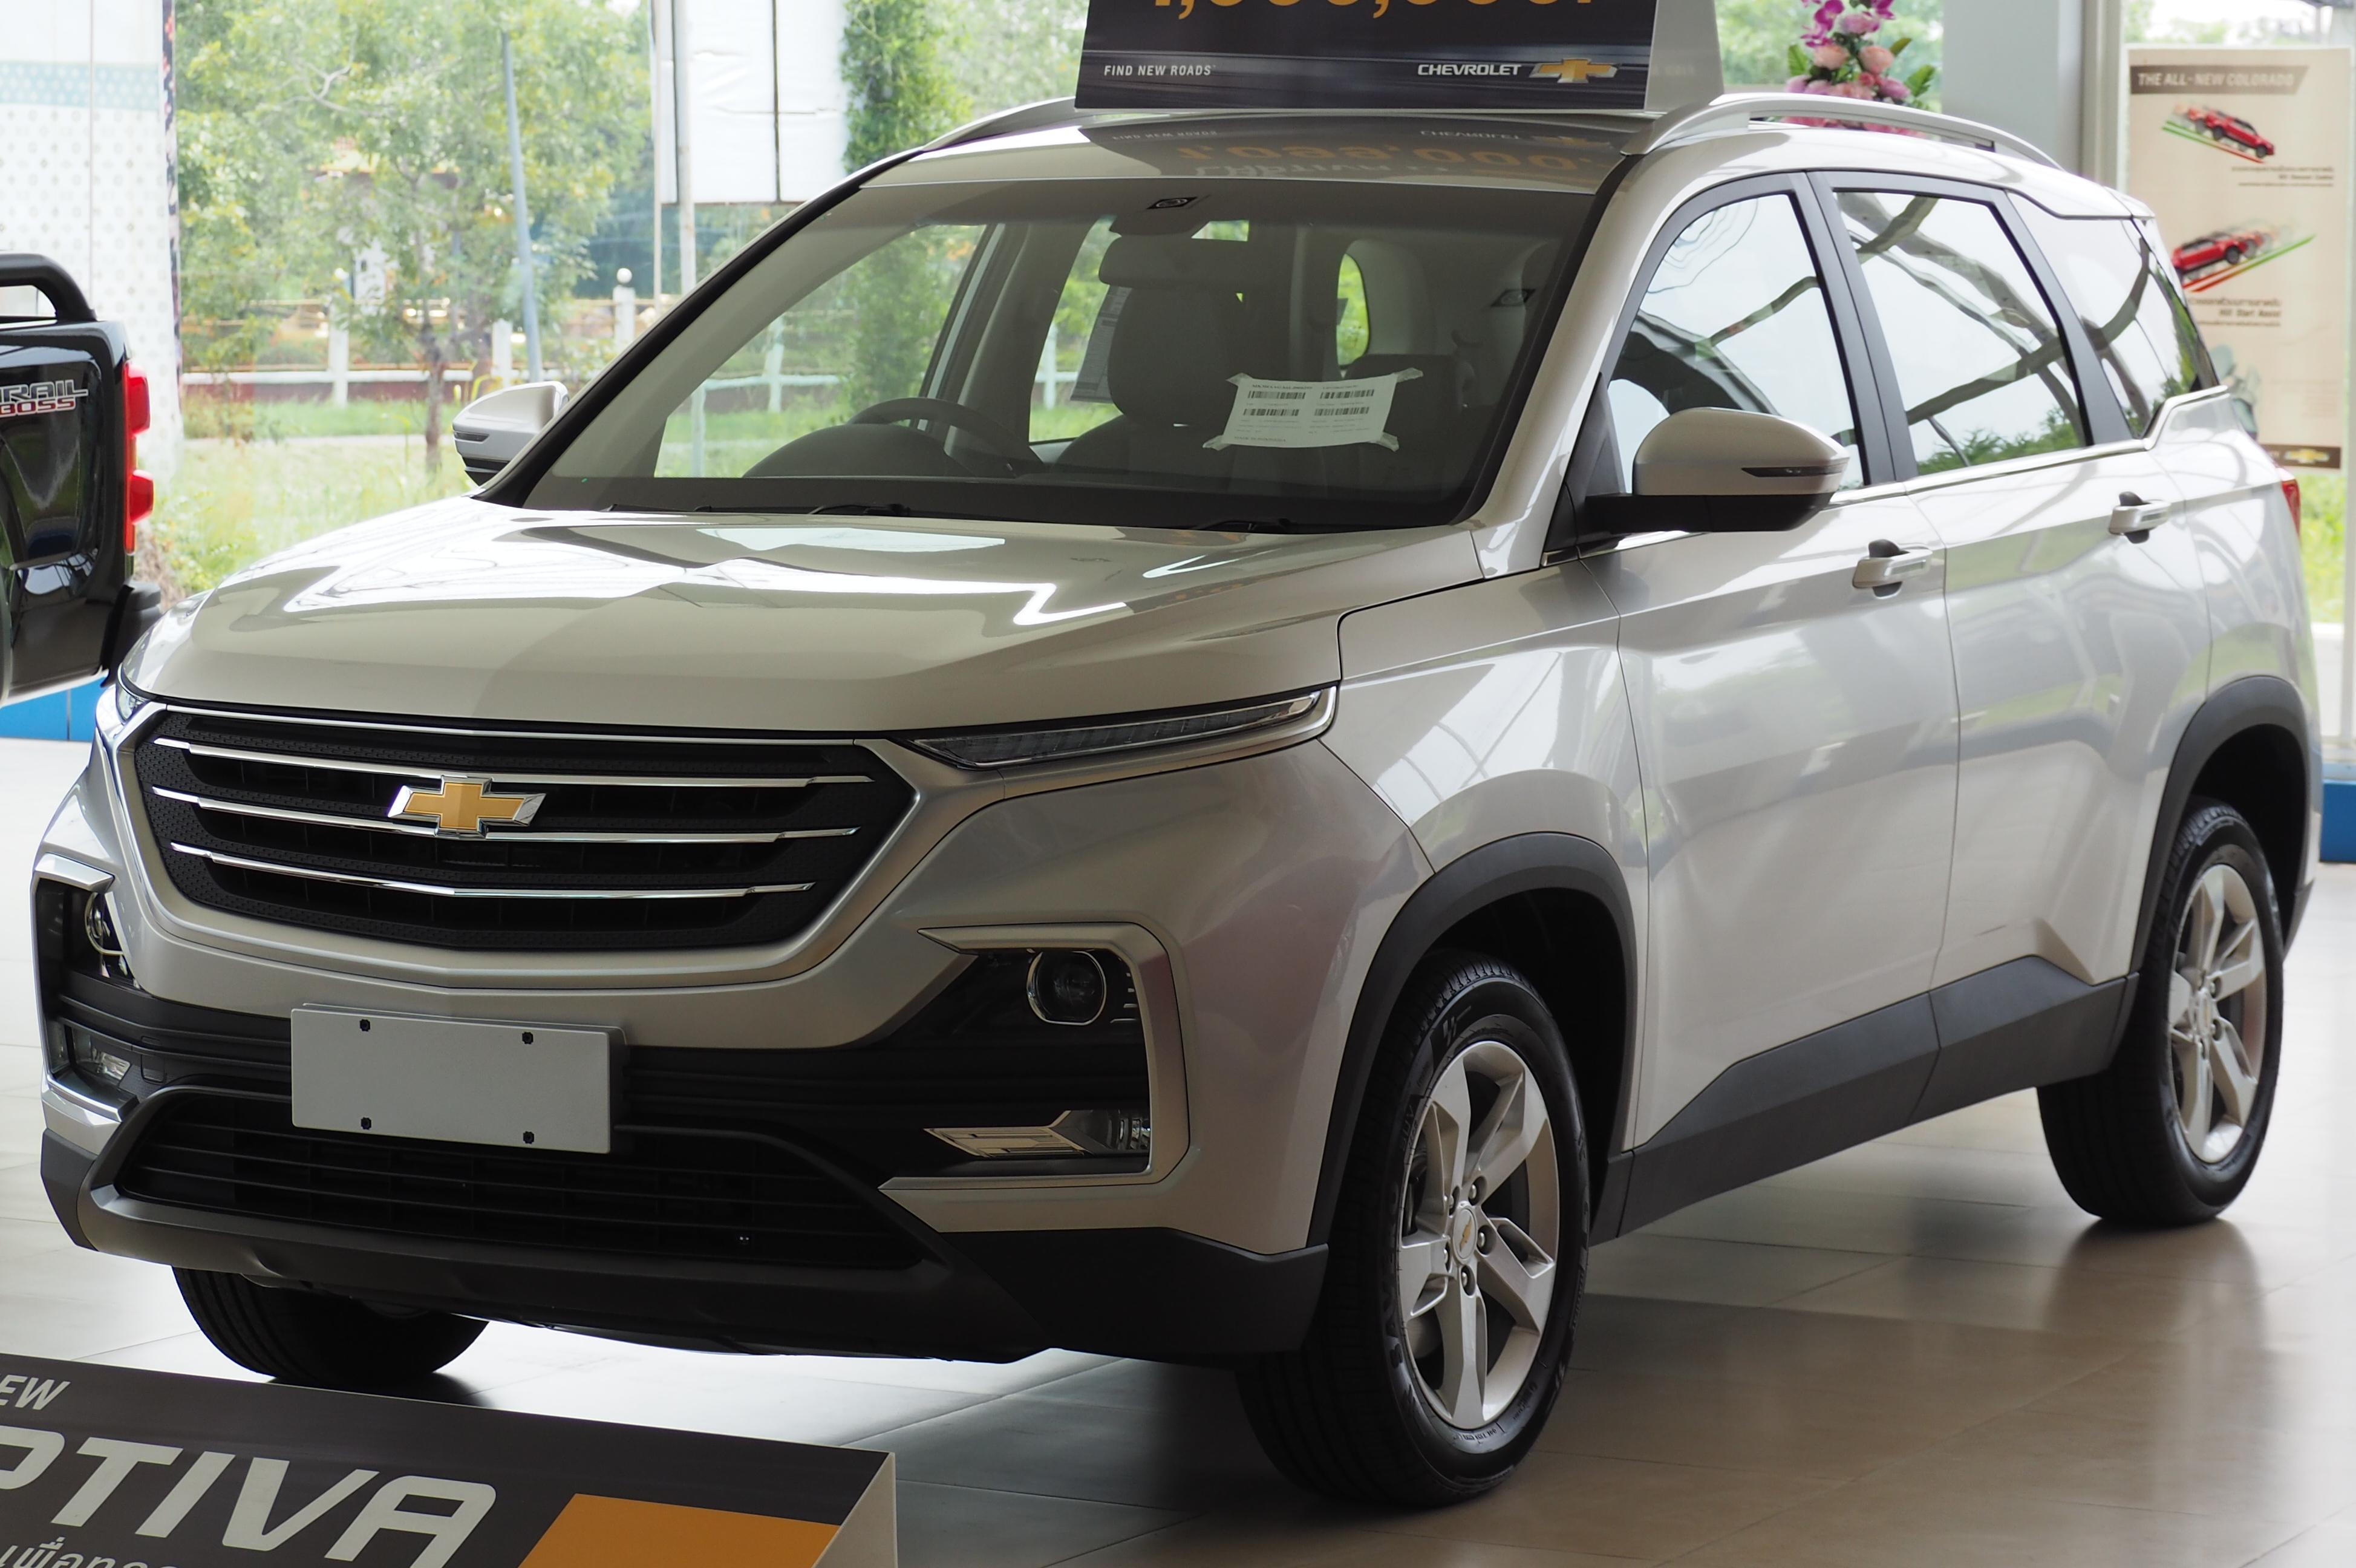 Kelebihan Kekurangan Chevrolet Captiva 2019 Spesifikasi